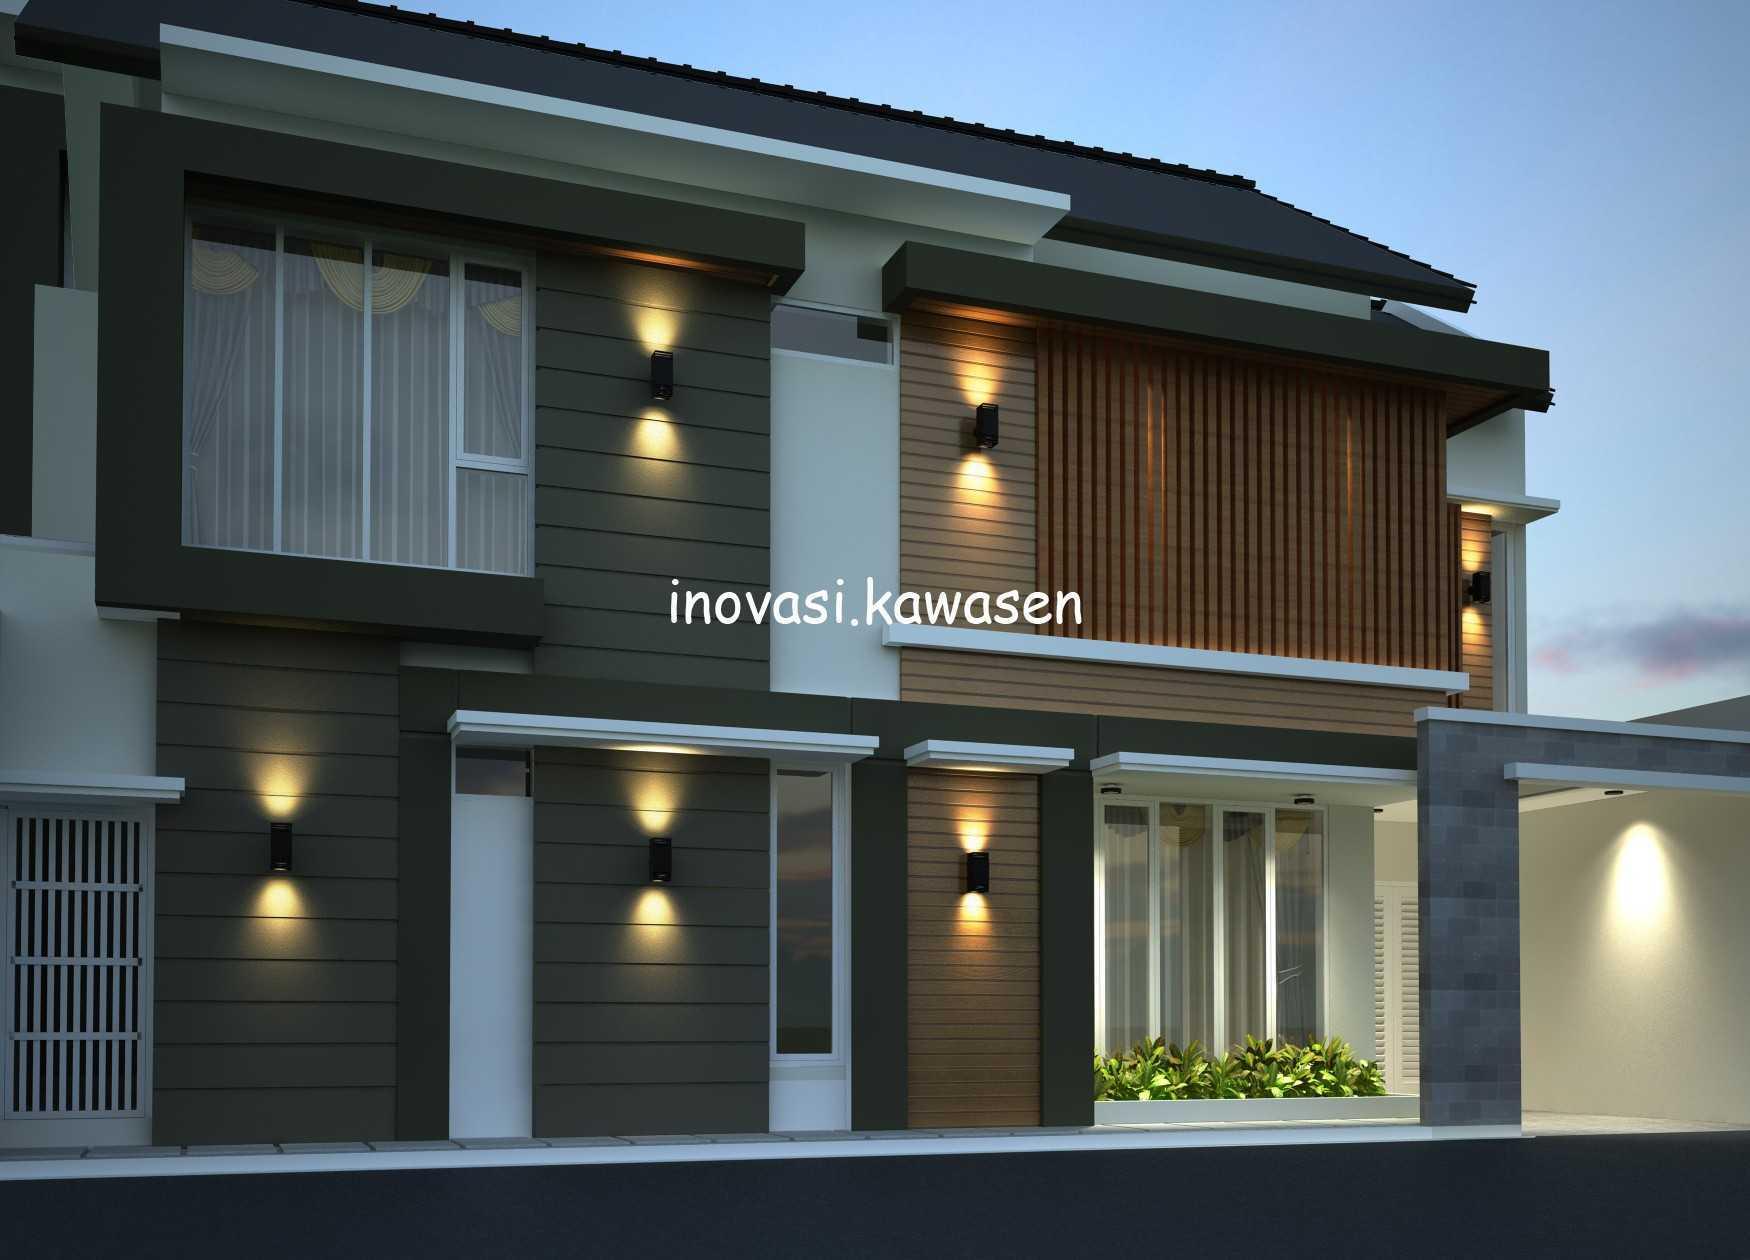 Inovasi Kawasen Rumah Tinggal Bpk.  Dimas Kota Bogor, Jawa Barat, Indonesia Kota Bogor, Jawa Barat, Indonesia Inovasi-Kawasen-Rumah-Tinggal-Bpk-Dimas  89822